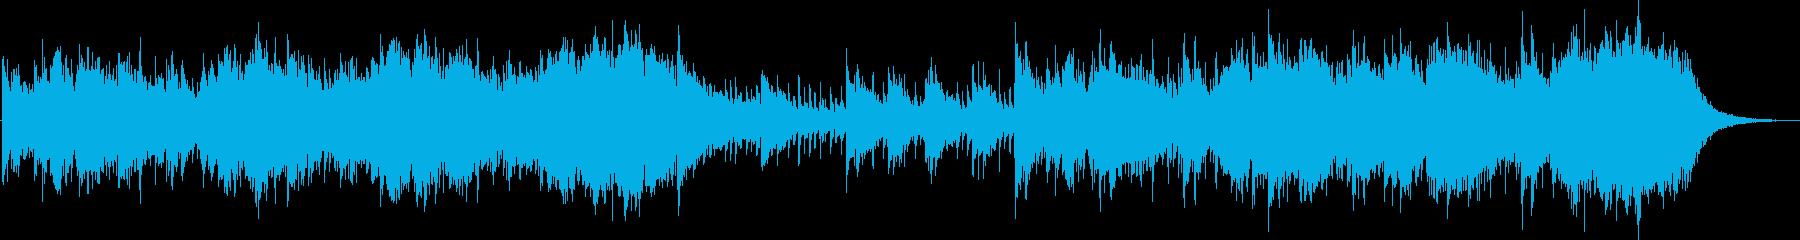 打楽器とストリングスの勇壮な曲の再生済みの波形